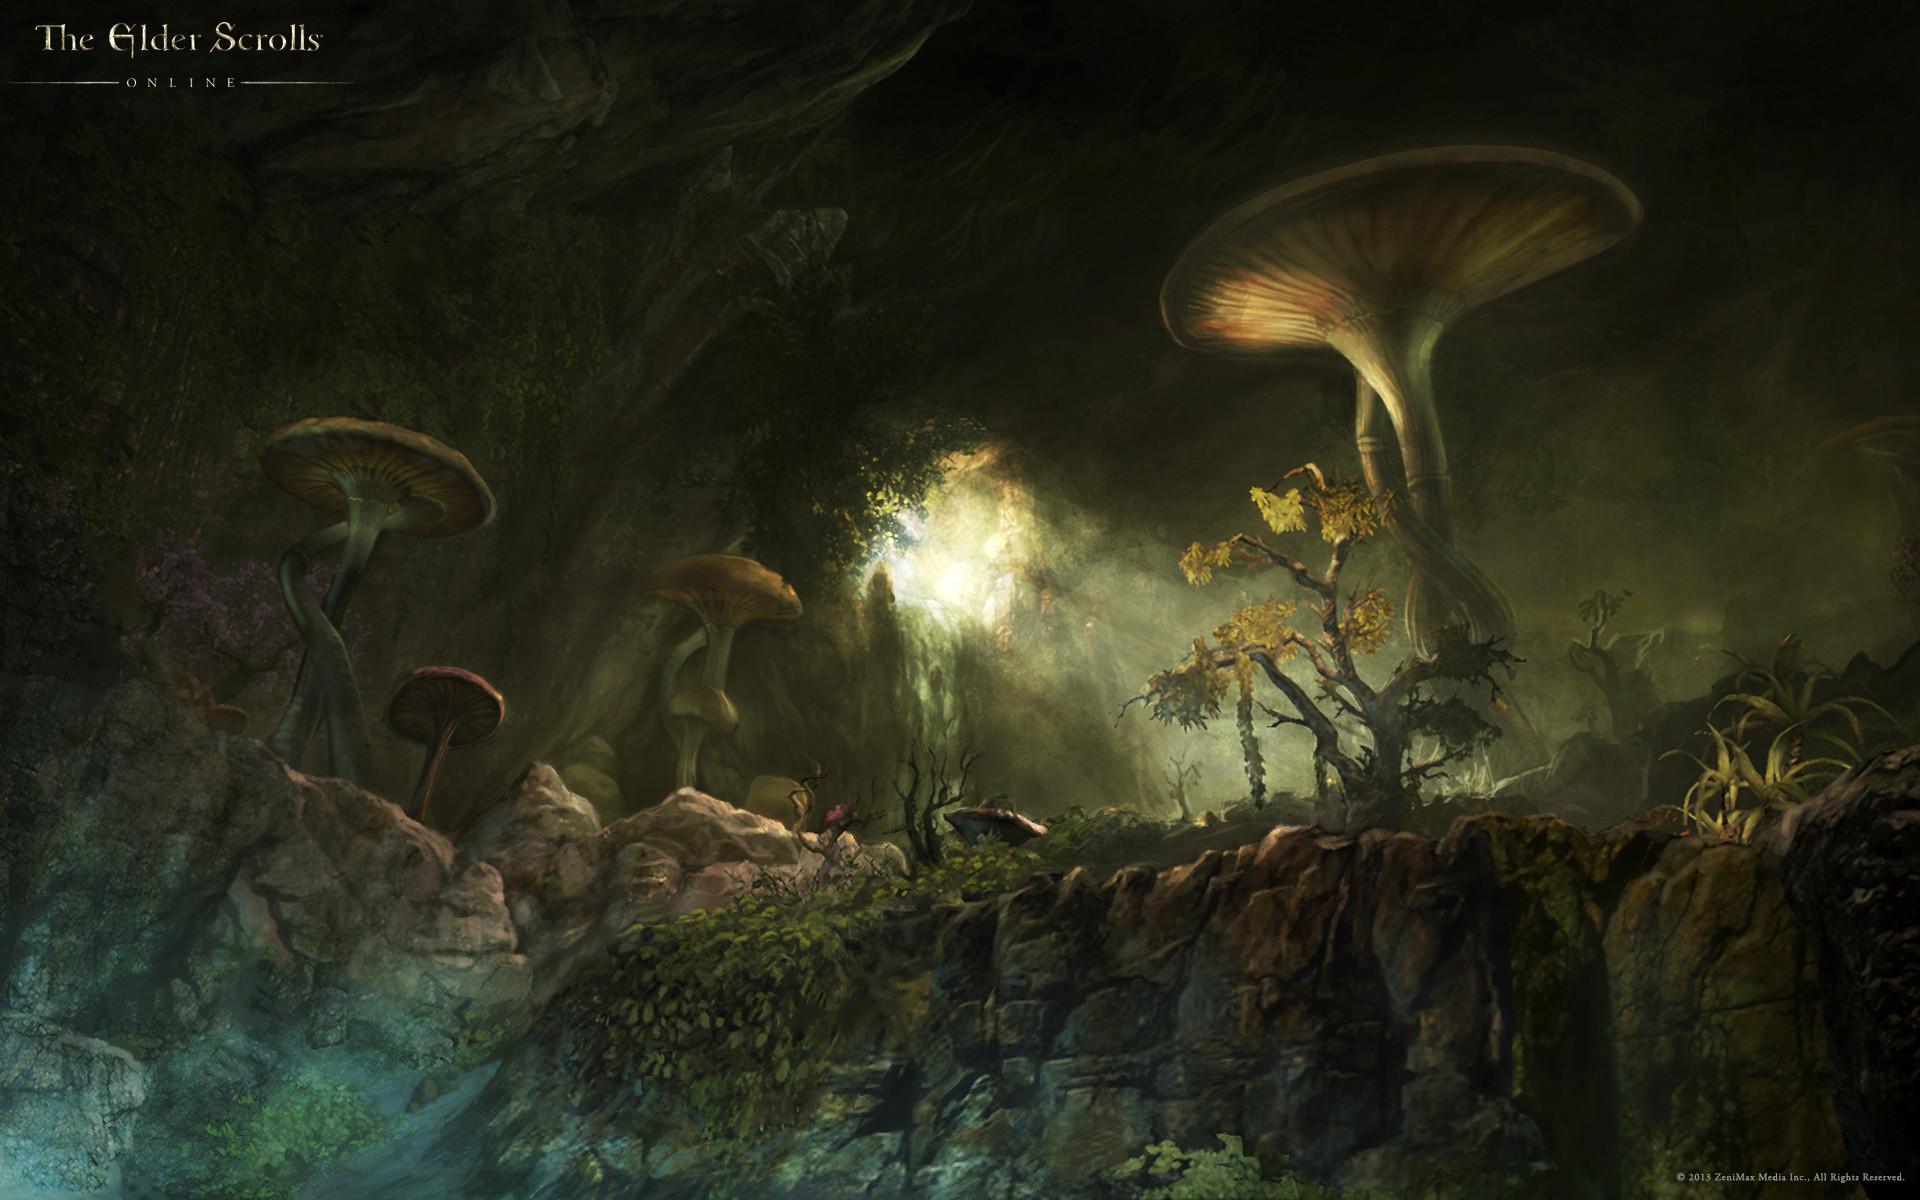 The Elder Scrolls Online Wallpaper Concept Art – Concept Art World